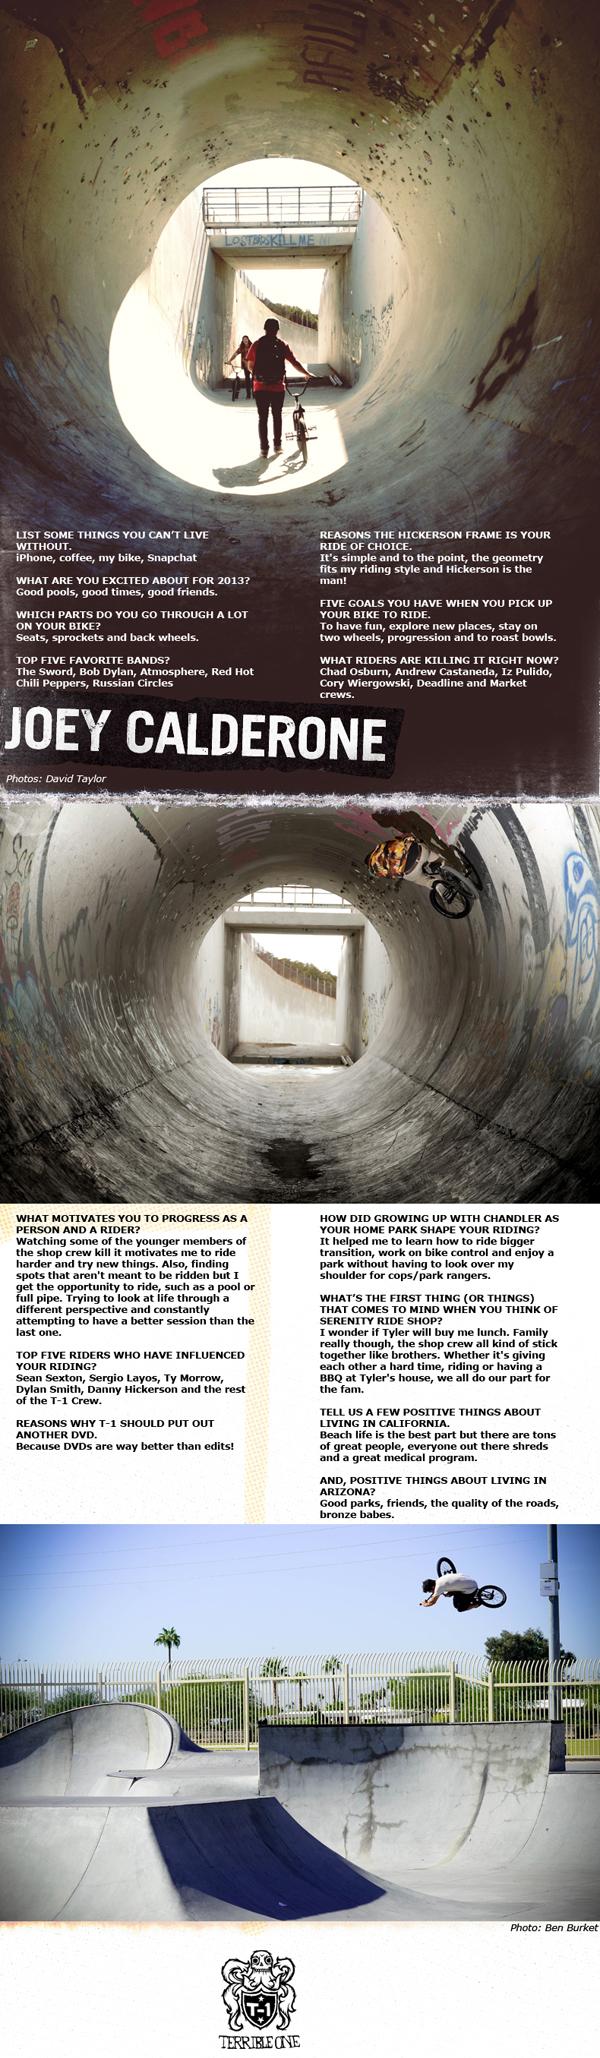 Joey Calderone BMX